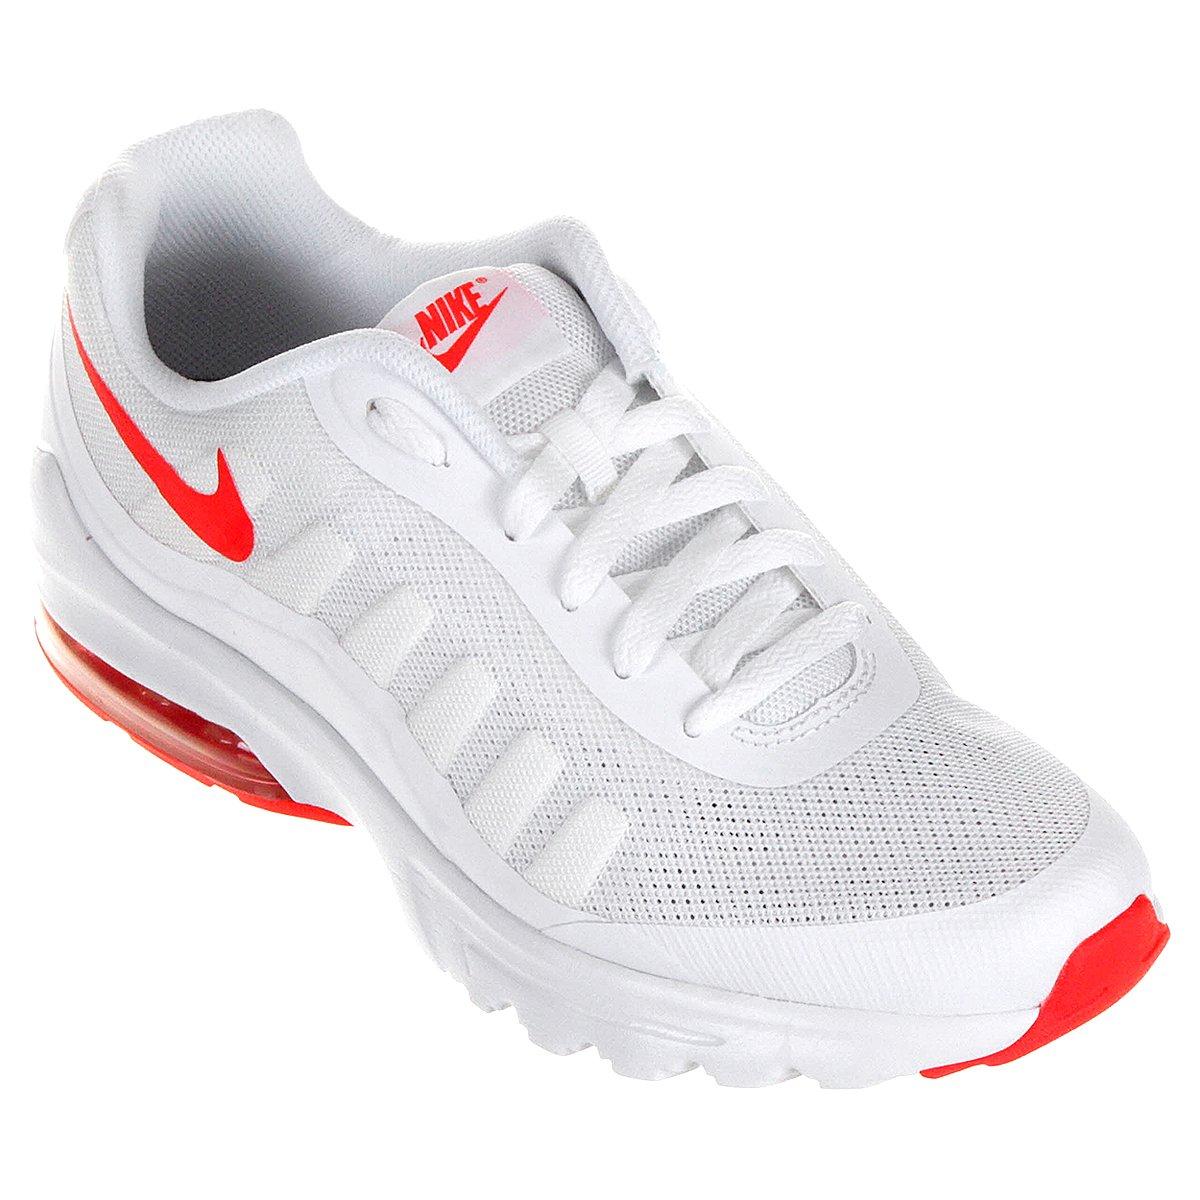 024a663dc4 Tênis Nike Air Max Invigor Masculino - Branco e Vermelho - Compre Agora